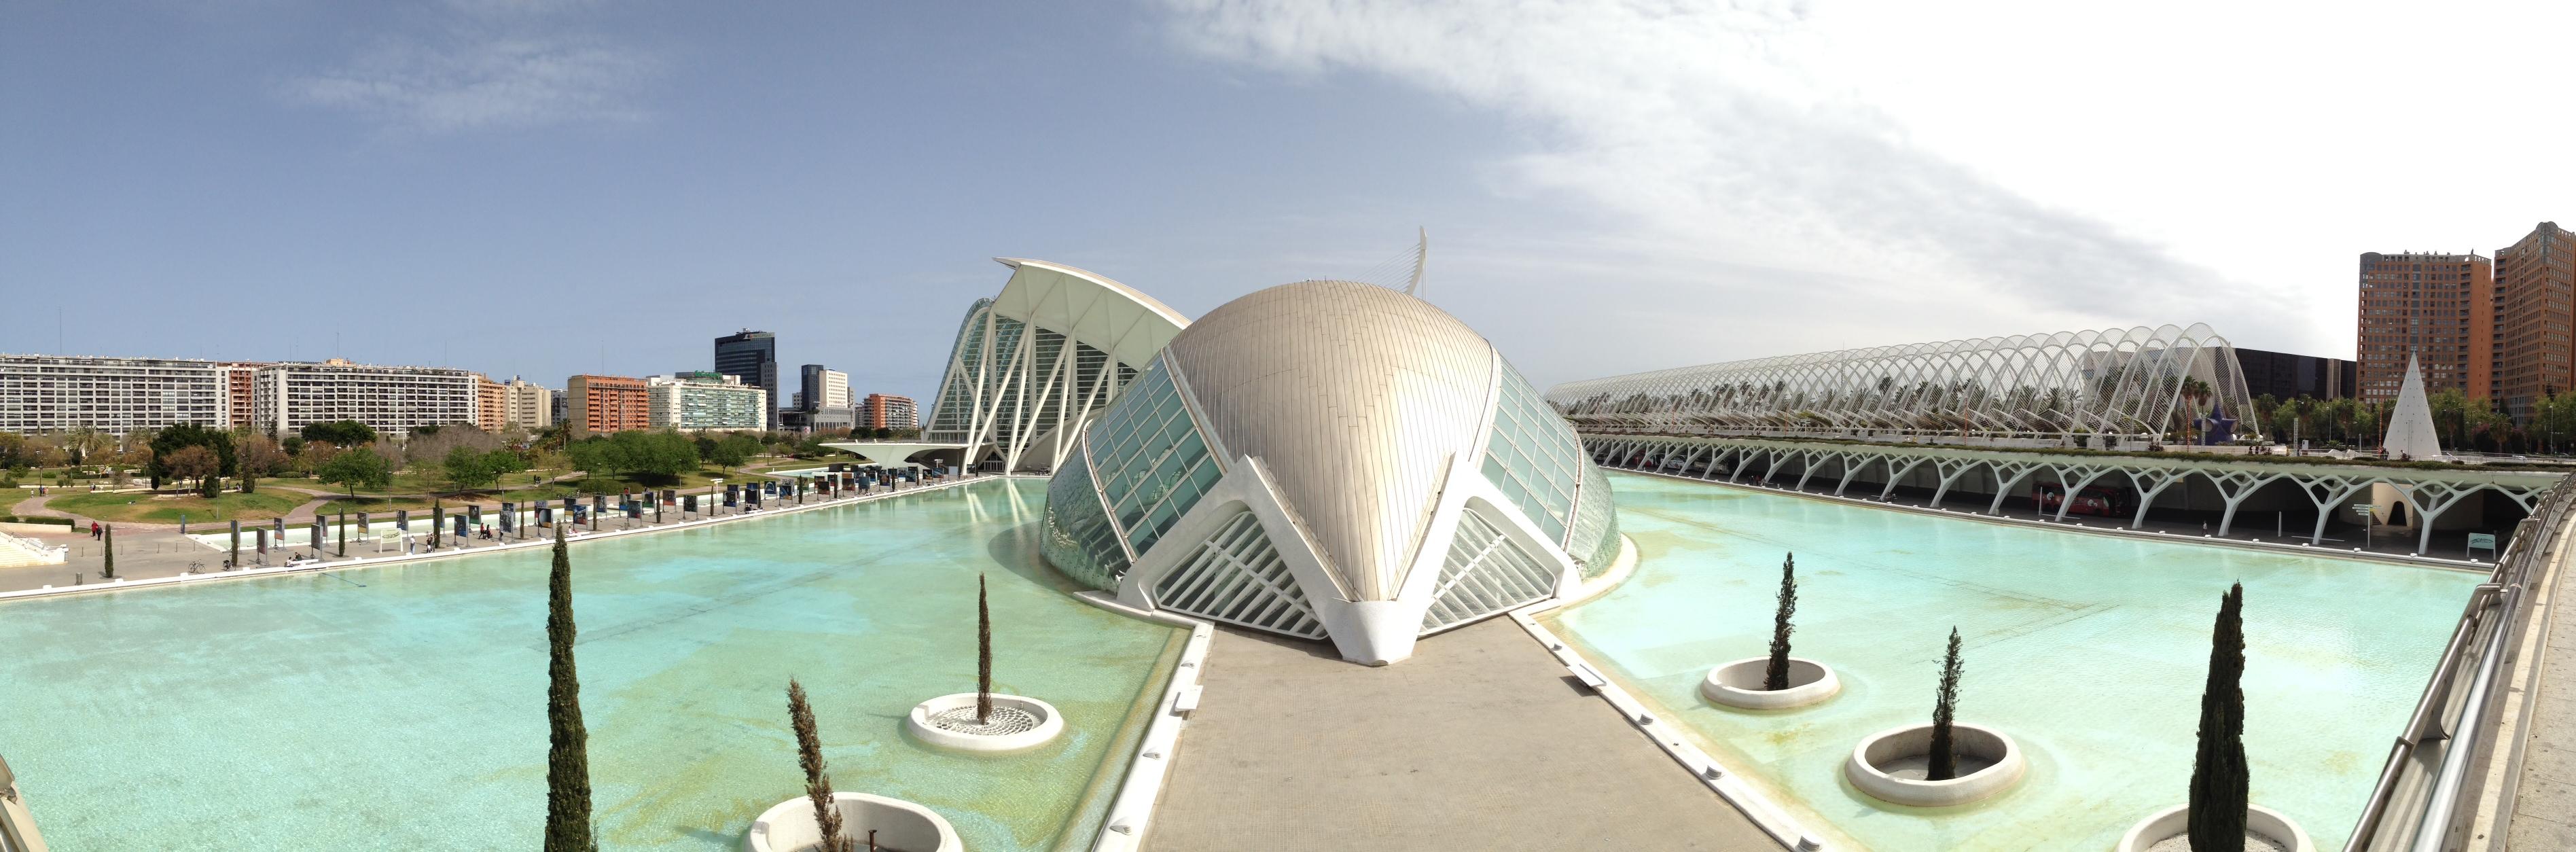 Pano im verlegten Flussbett in Valencia